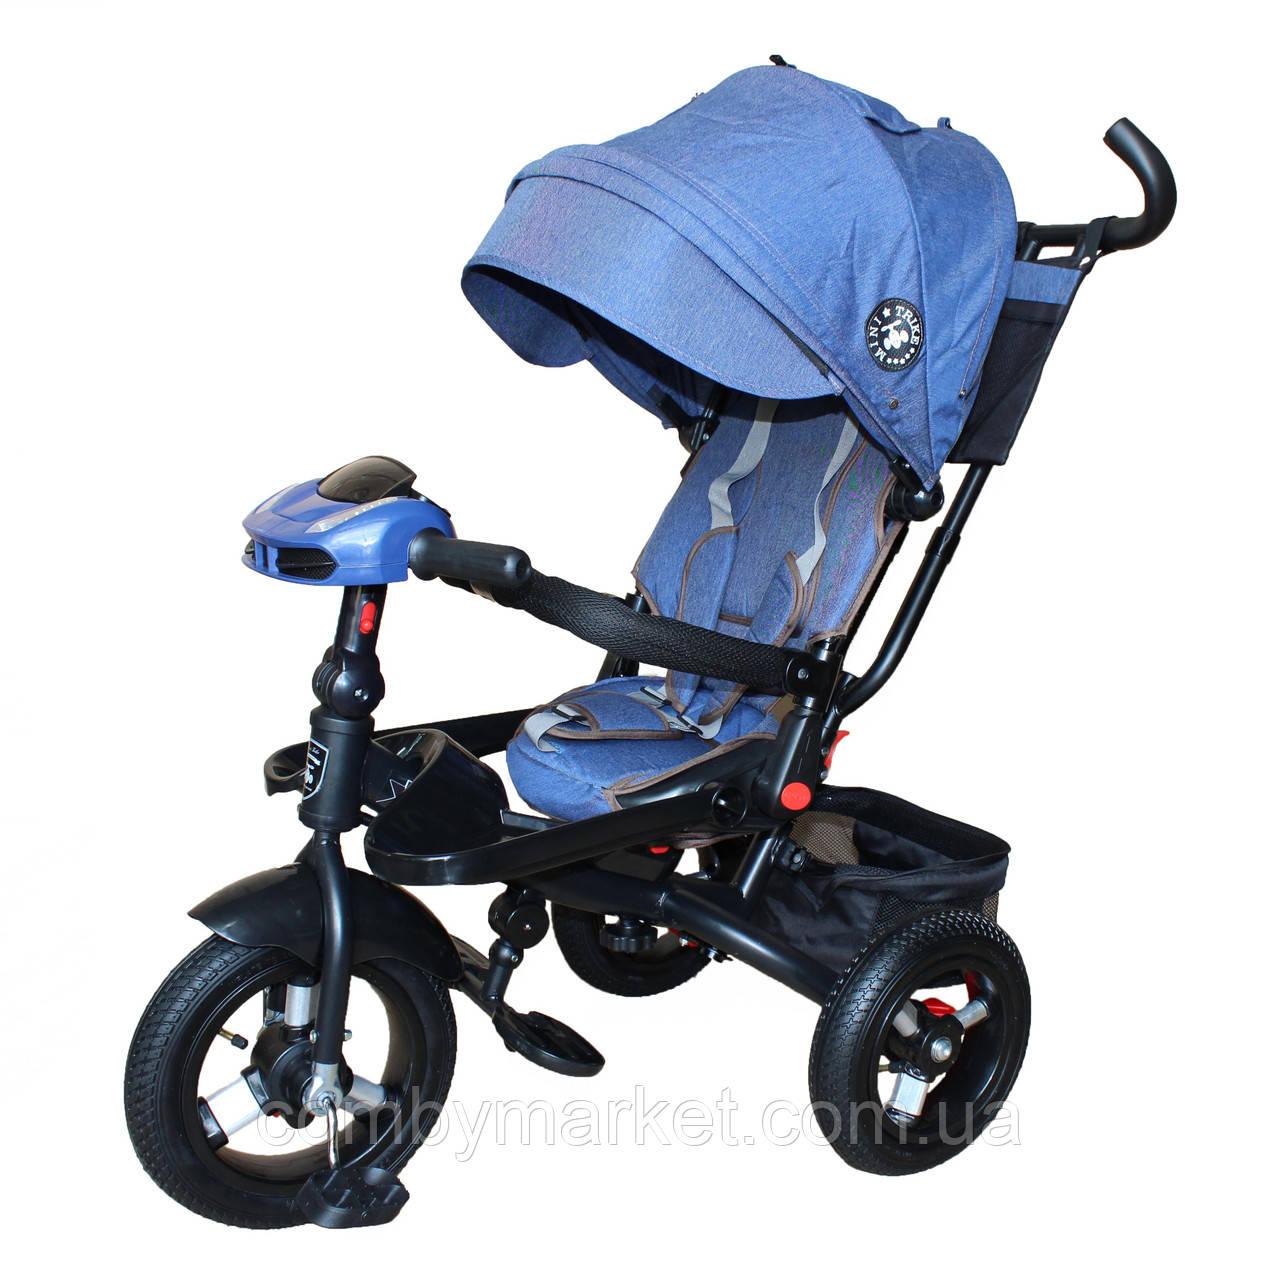 Велосипед Mini Trike T400 джинс синий